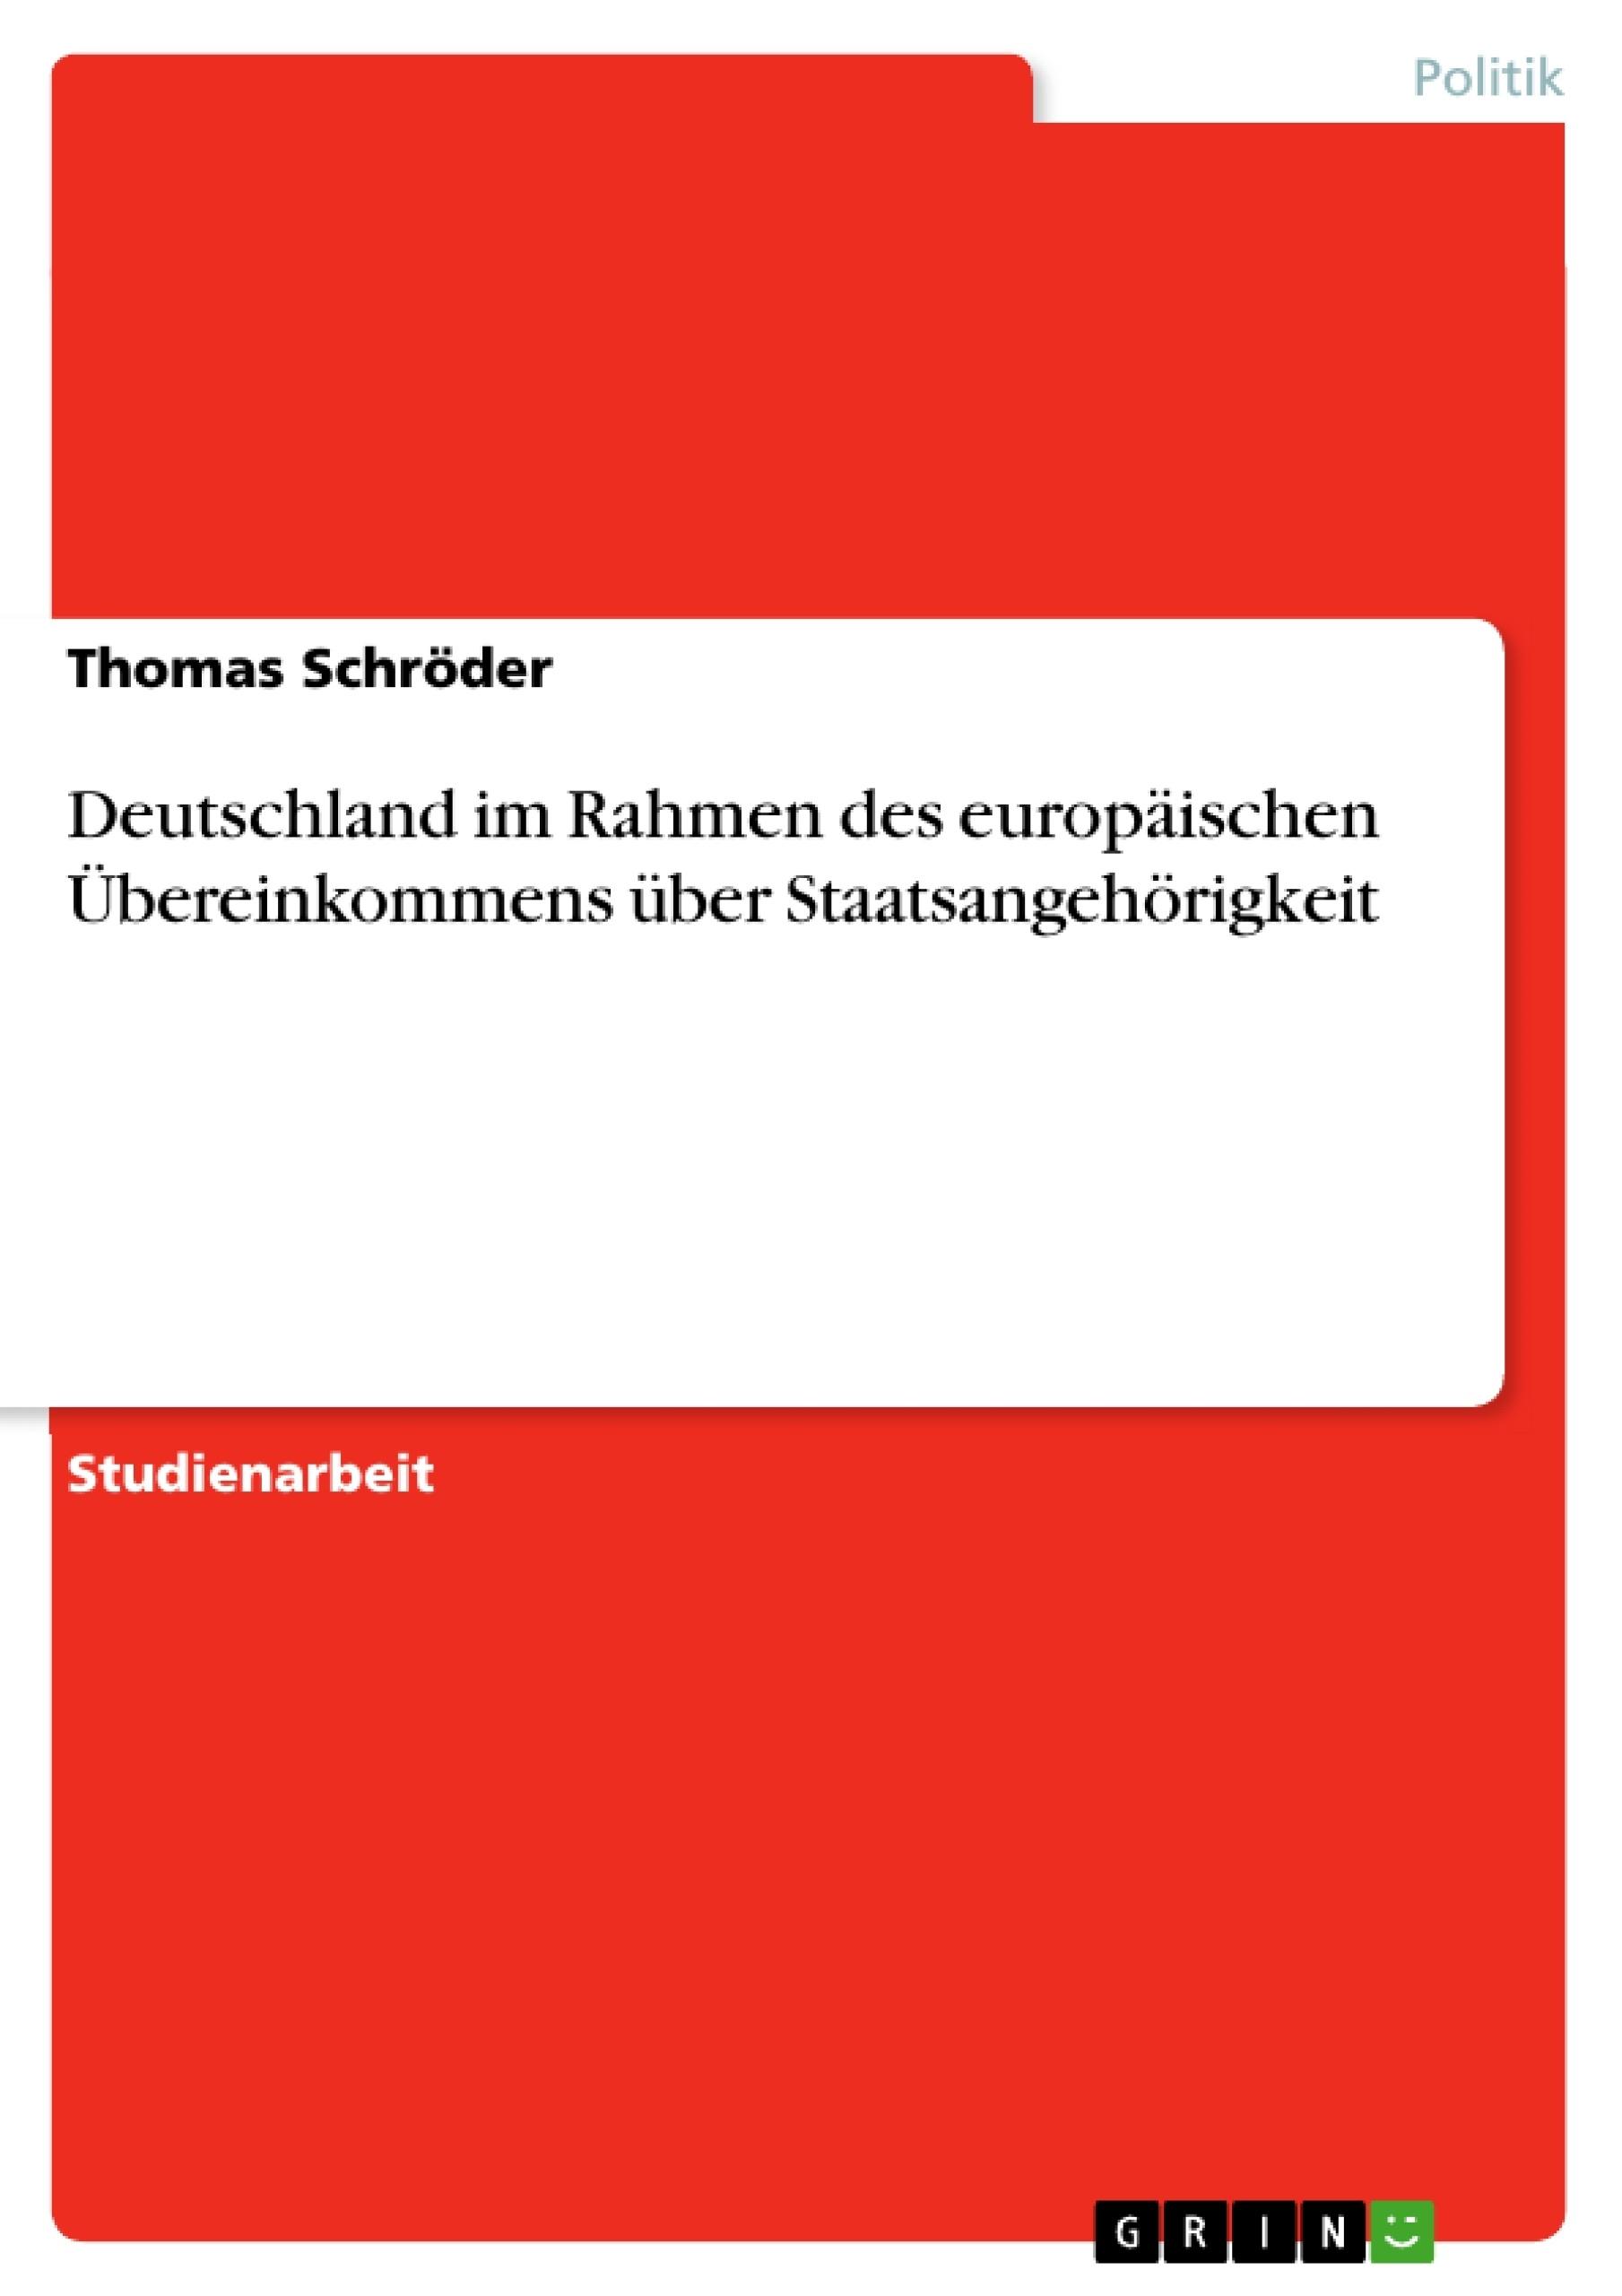 Titel: Deutschland im Rahmen des europäischen Übereinkommens über Staatsangehörigkeit